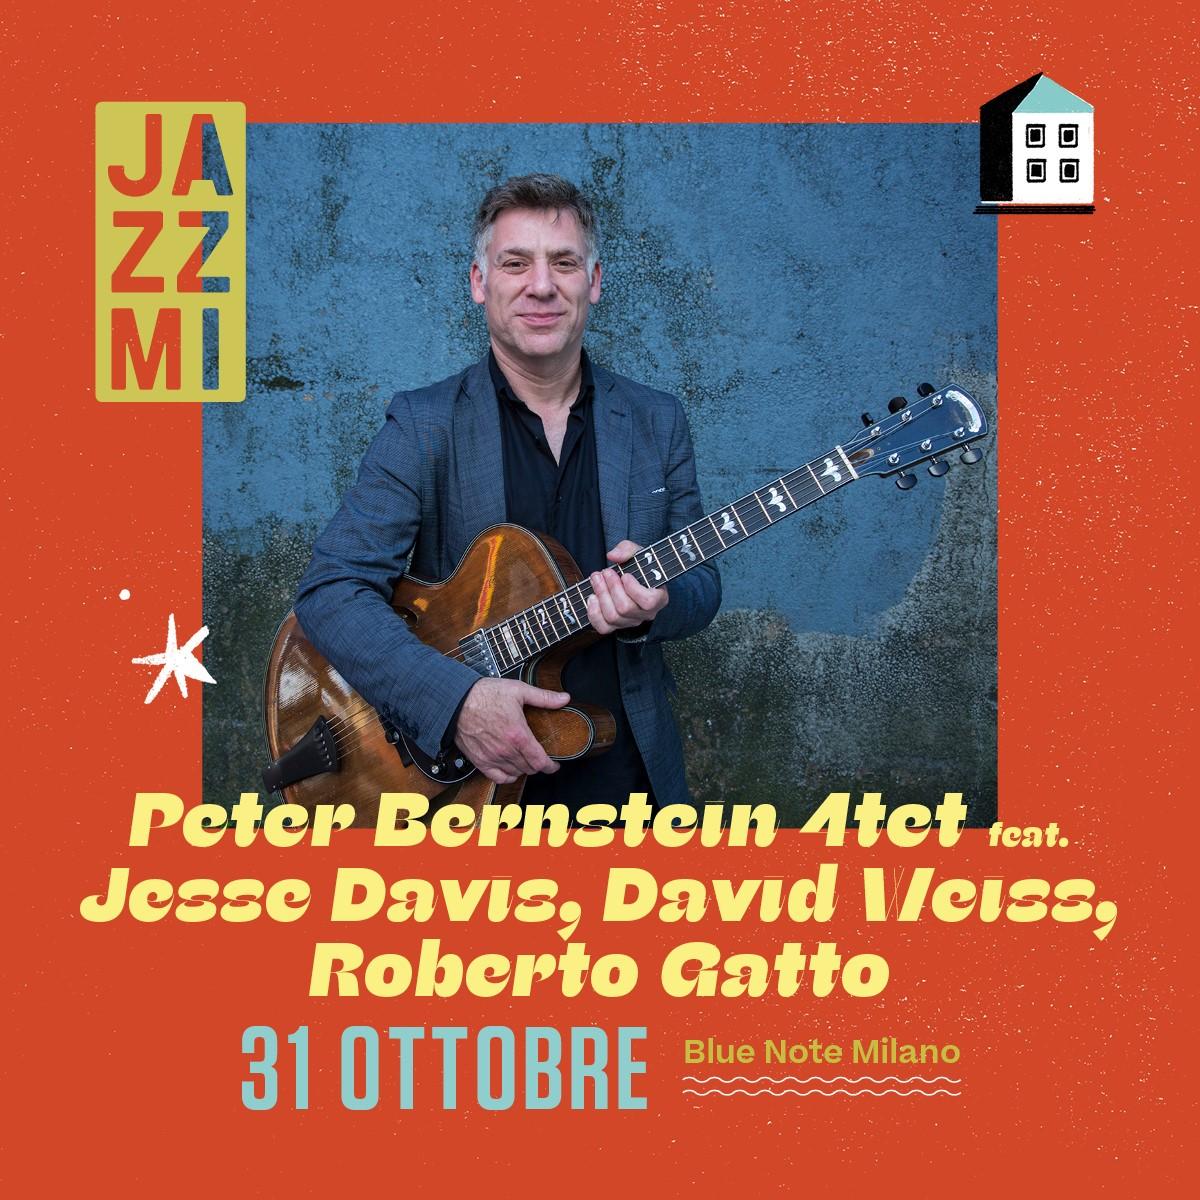 JAZZMI Peter Bernstein Quartet feat. Jesse Davis, Doug Weiss, Roberto Gatto 31/10/2021 20.30